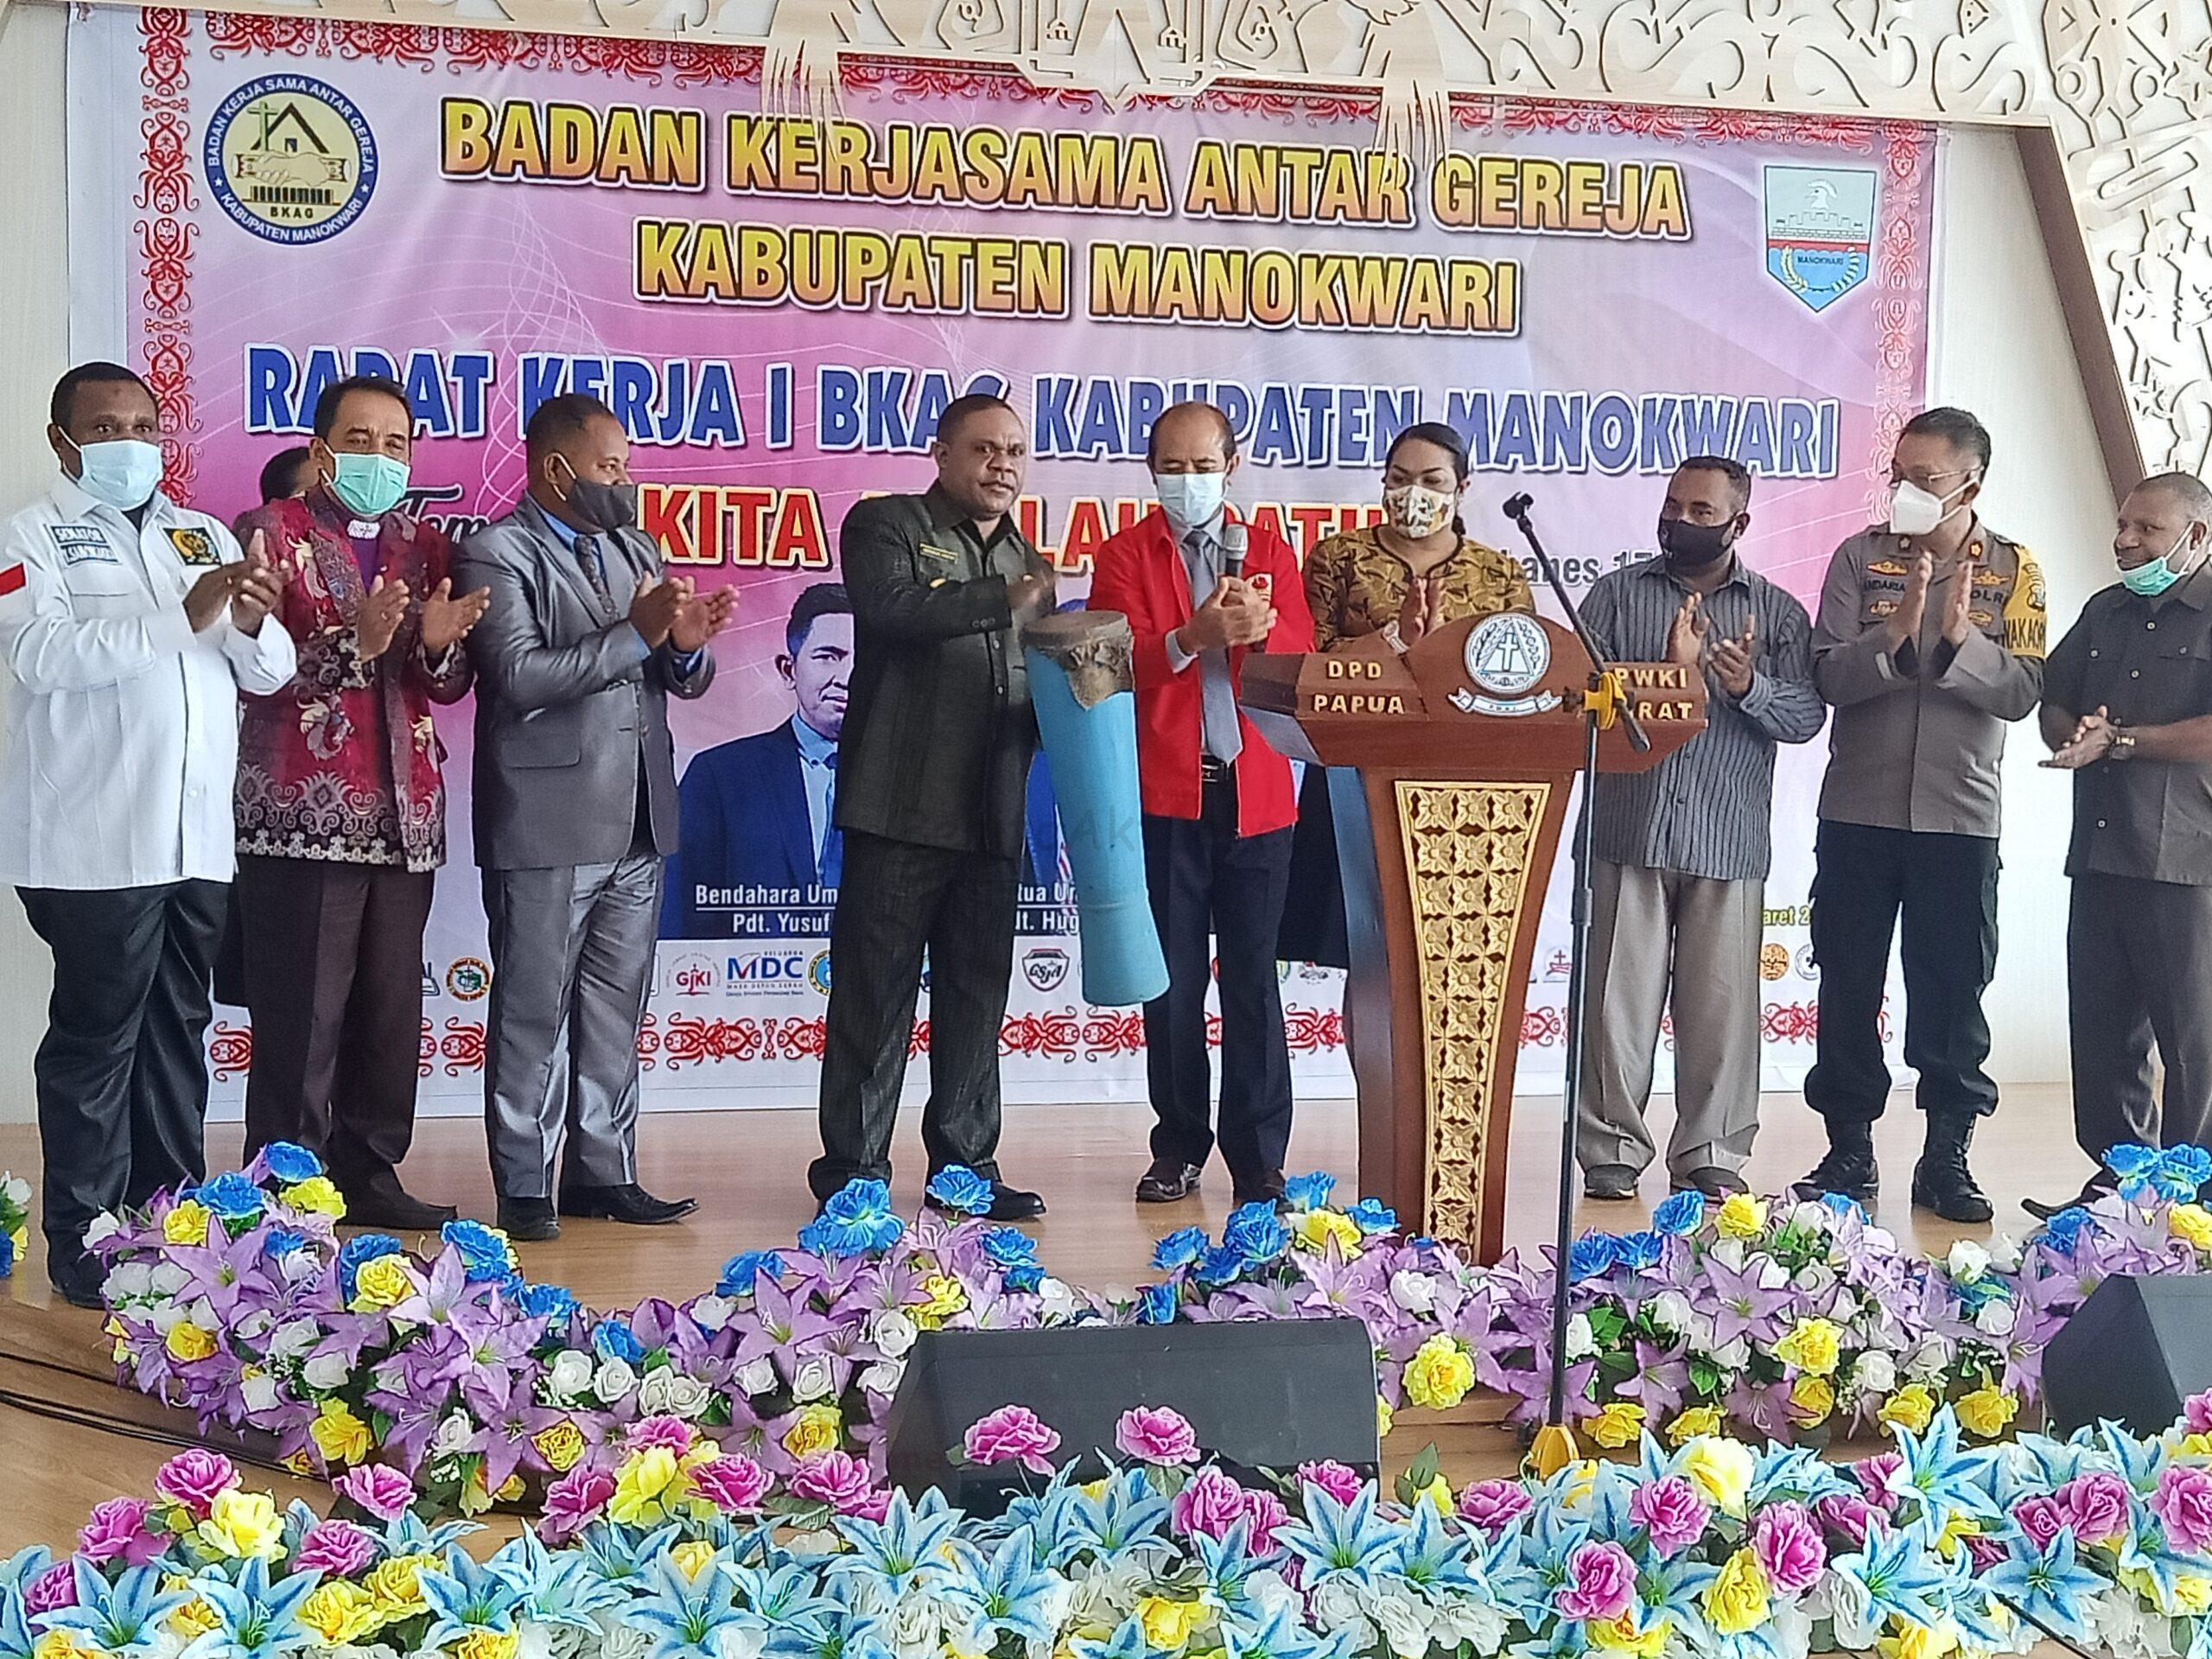 Bupati Manokwari Rapat Kerja BKAG Satukan Persepsi dan Optimalkan Program Kerja Untuk Jemaat 17 IMG20210305102729 scaled